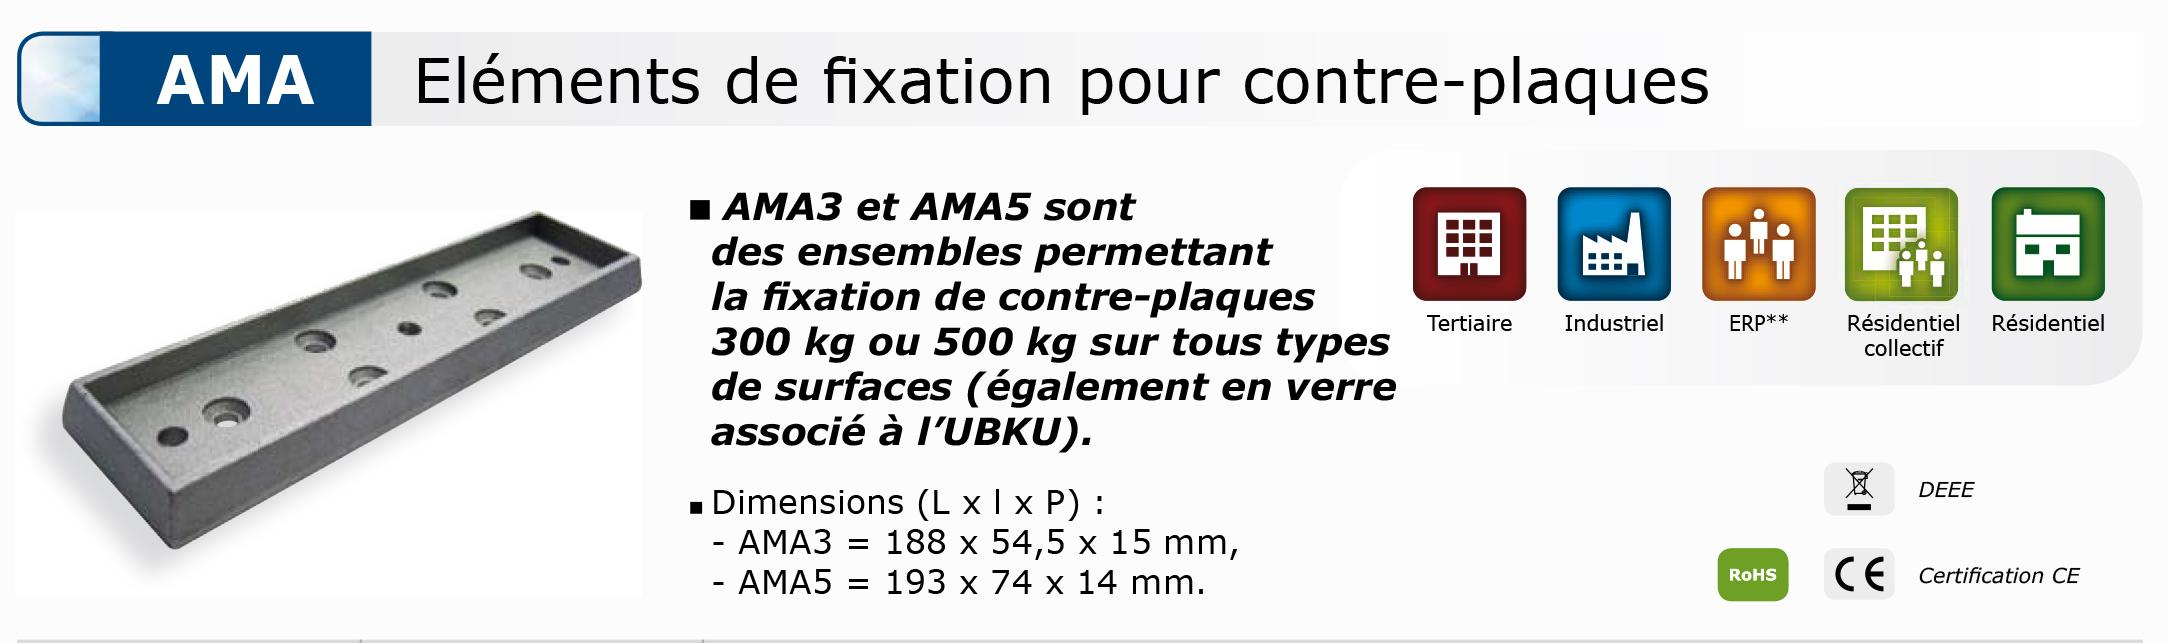 controleAccess_element-de-fixation-pour-contre-plaques